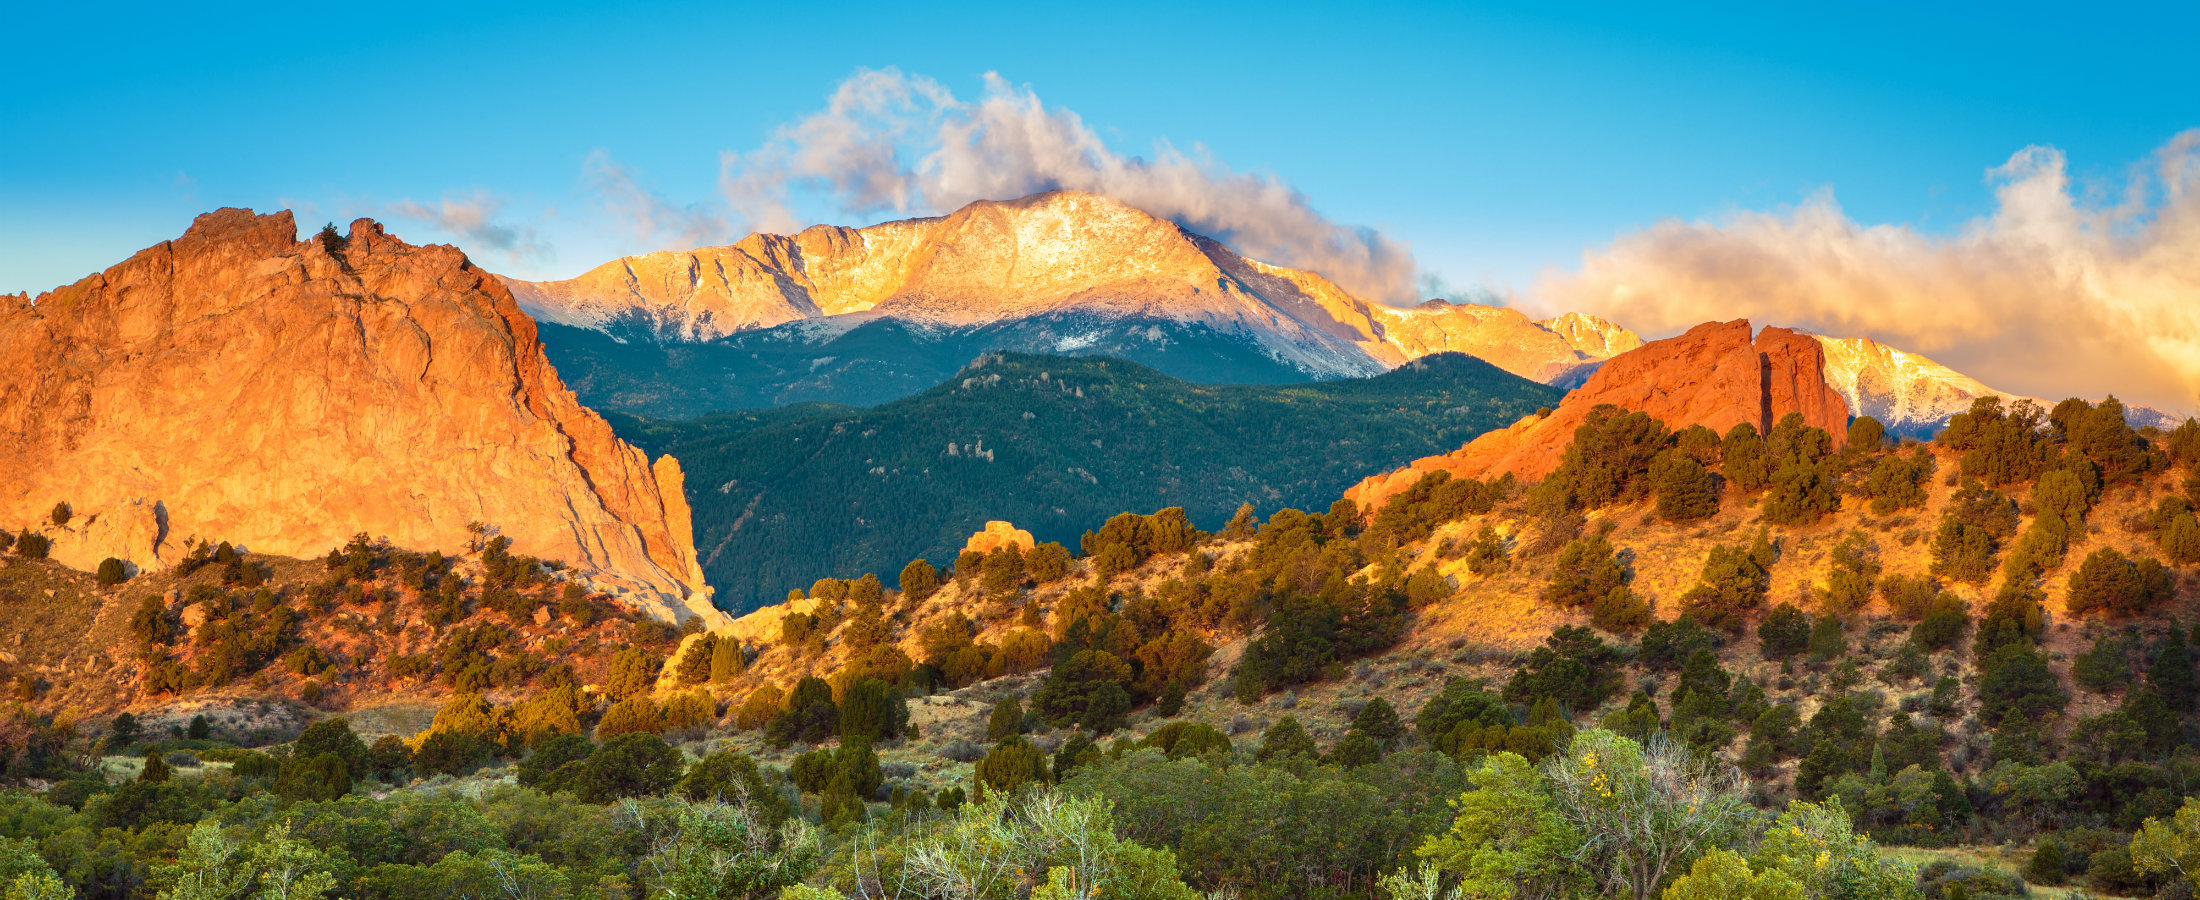 Colorado Springs Real Estate - Homes for Sale in Colorado Spring